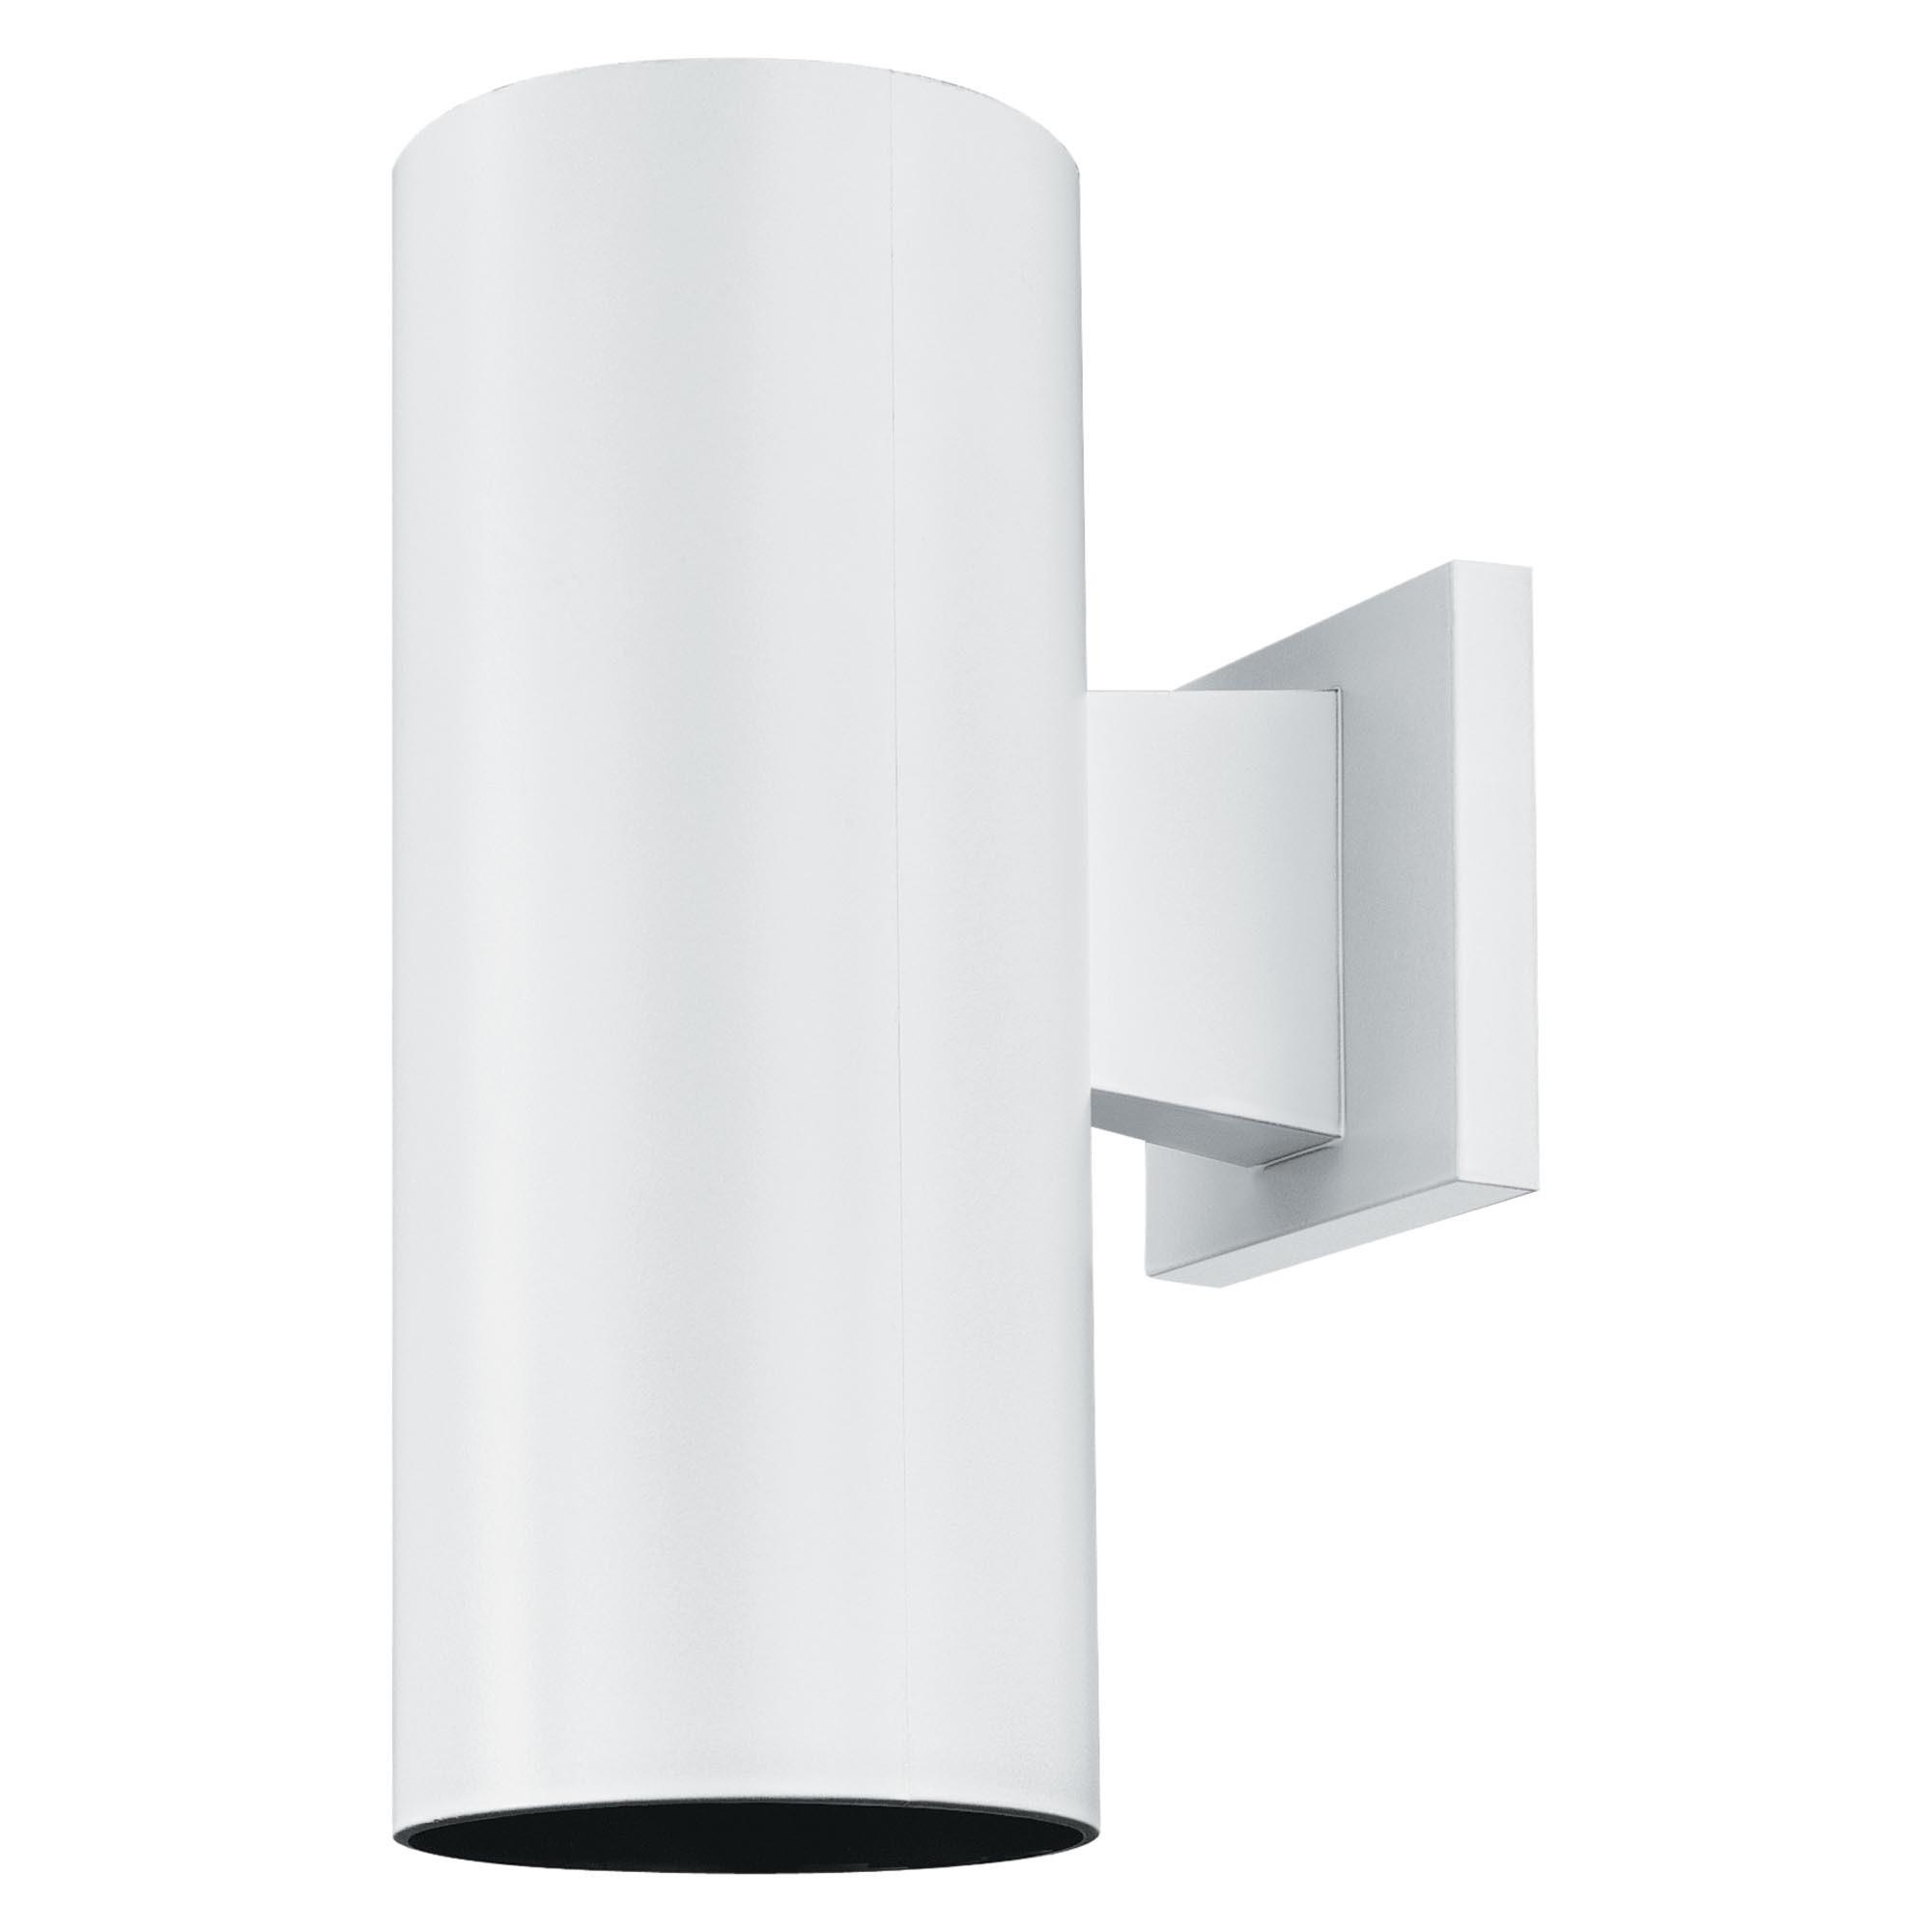 White Plastic Outdoor Light Fixtures • Outdoor Lighting Regarding Latest Plastic Outdoor Wall Lighting (View 19 of 20)